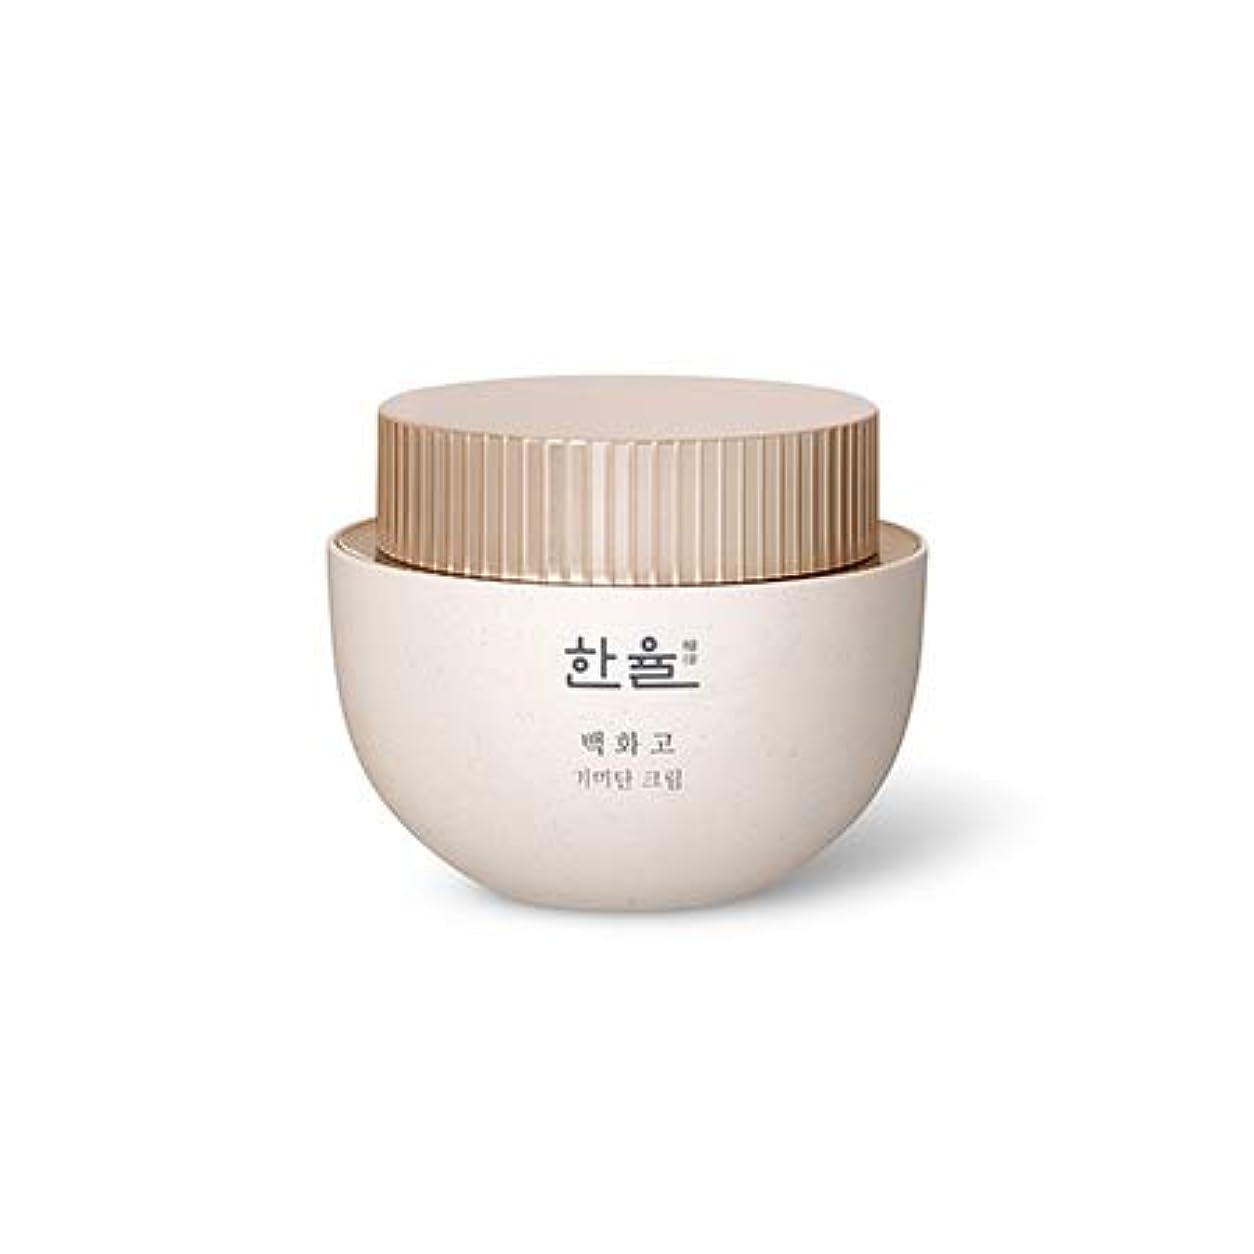 コモランマドル濃度[ハンユル.HANYUL]ベクファゴシミ段クリームHanyul Baek Hwa Goh Anti-Aging Cream(シミ、くすみなどの老化の兆候をケア)